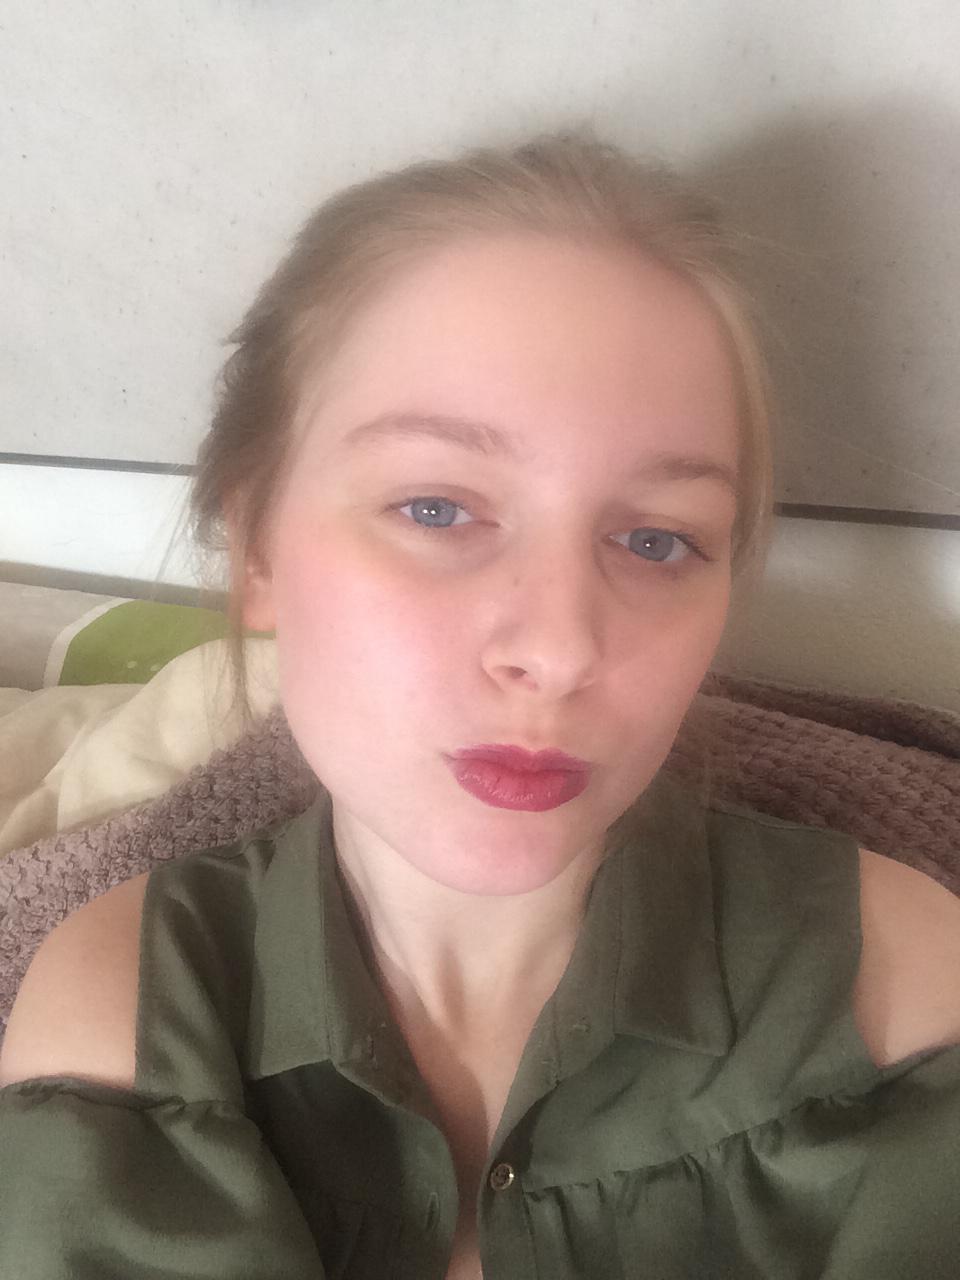 Ersties.com - Ginny 6